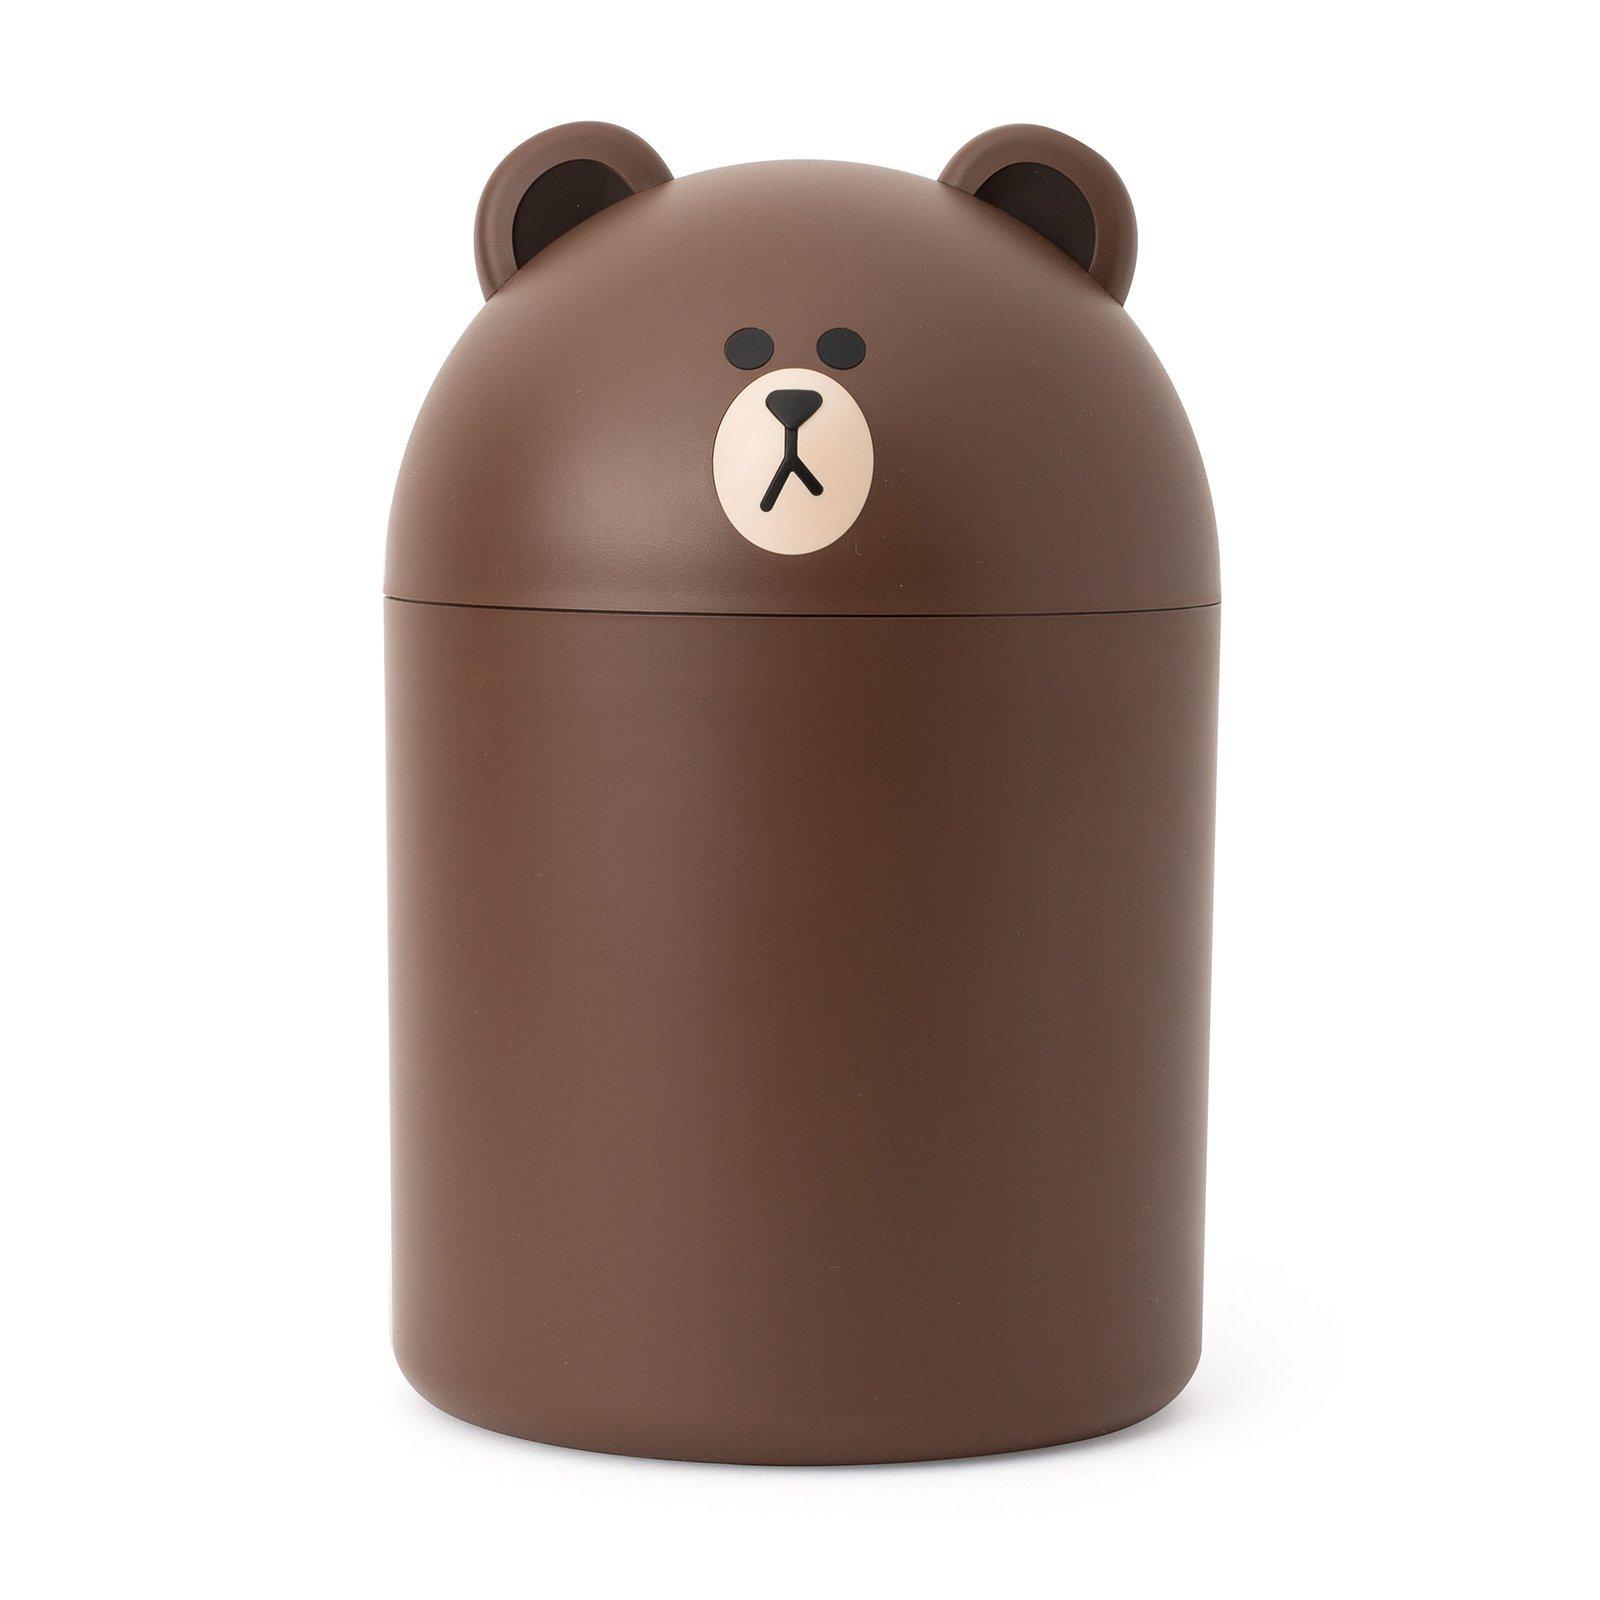 LINE FRIENDS Brown Mini Rubbish Bin 8.7 inches Brown